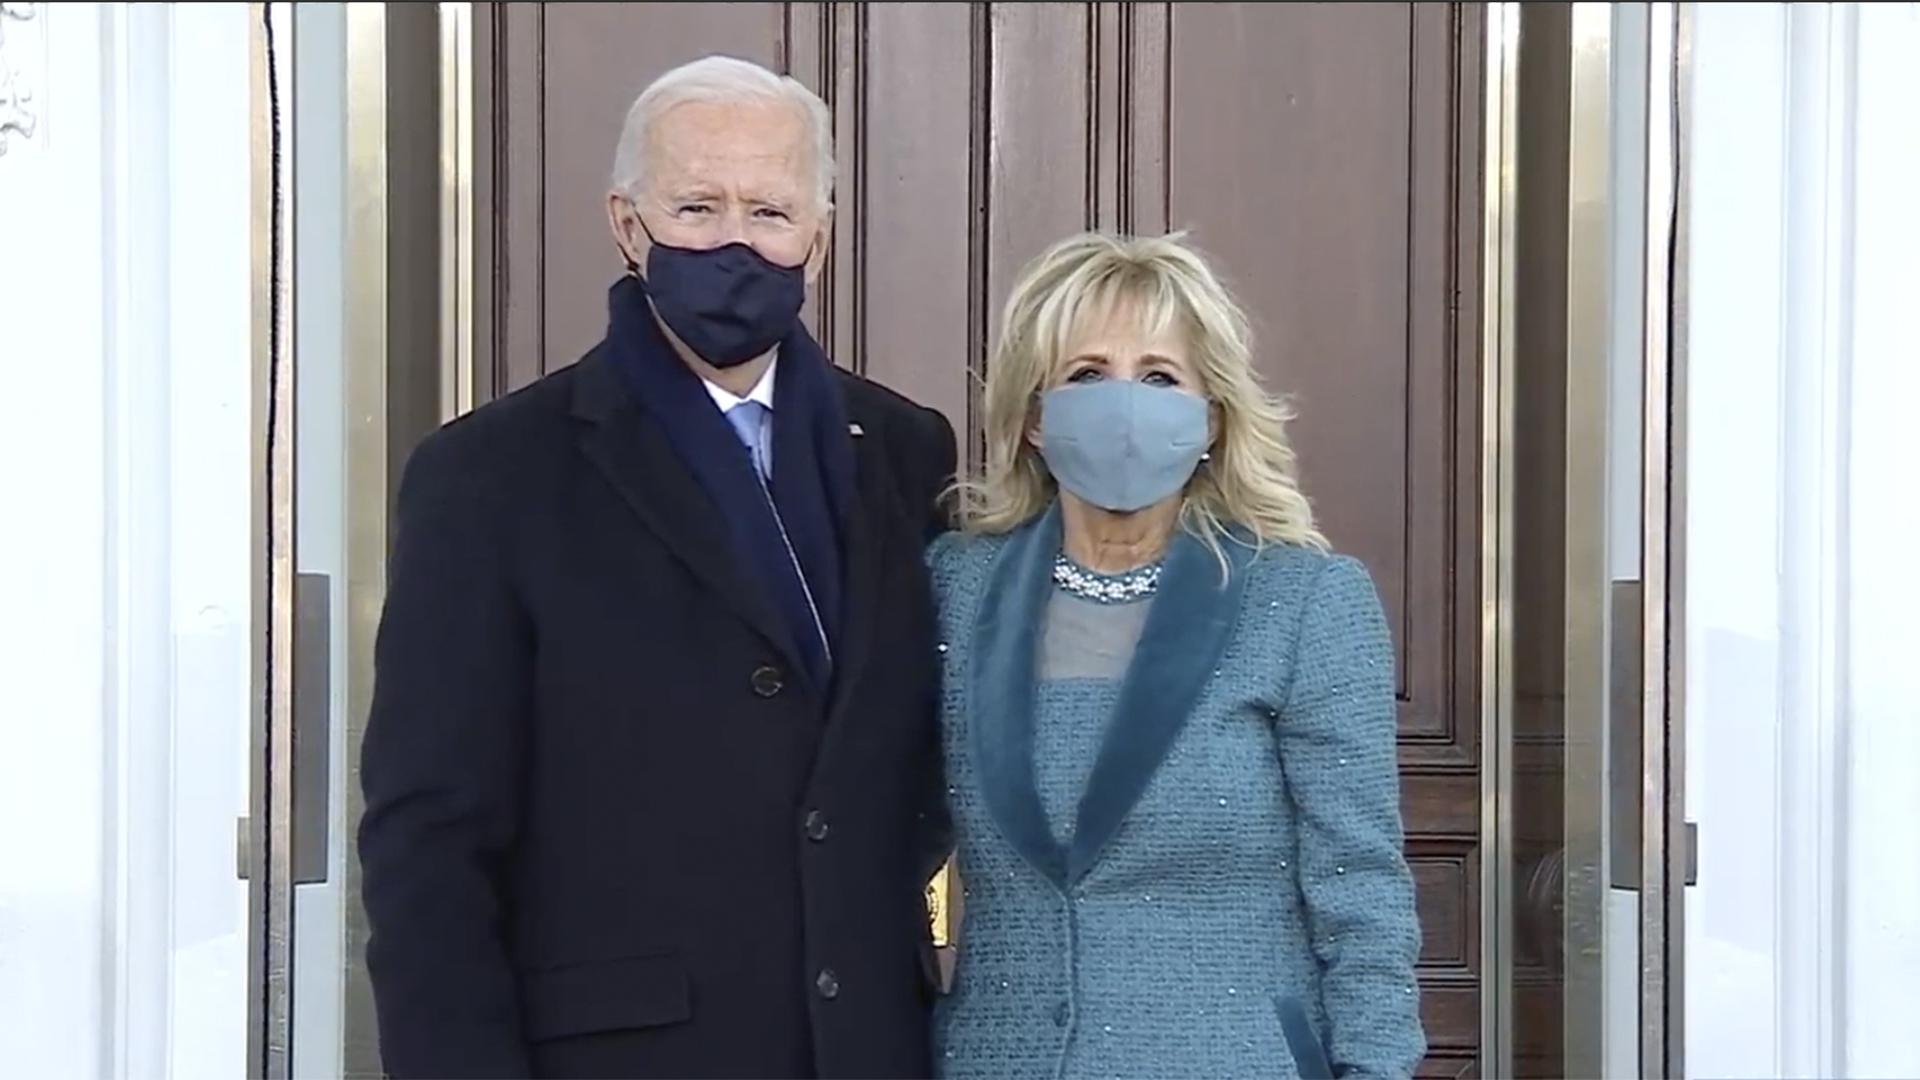 Joe, acompañado de su esposa Jill Biden, ingresa por primera vez a la Casa Blanca. Foto de C-Span-Captura de pantalla.